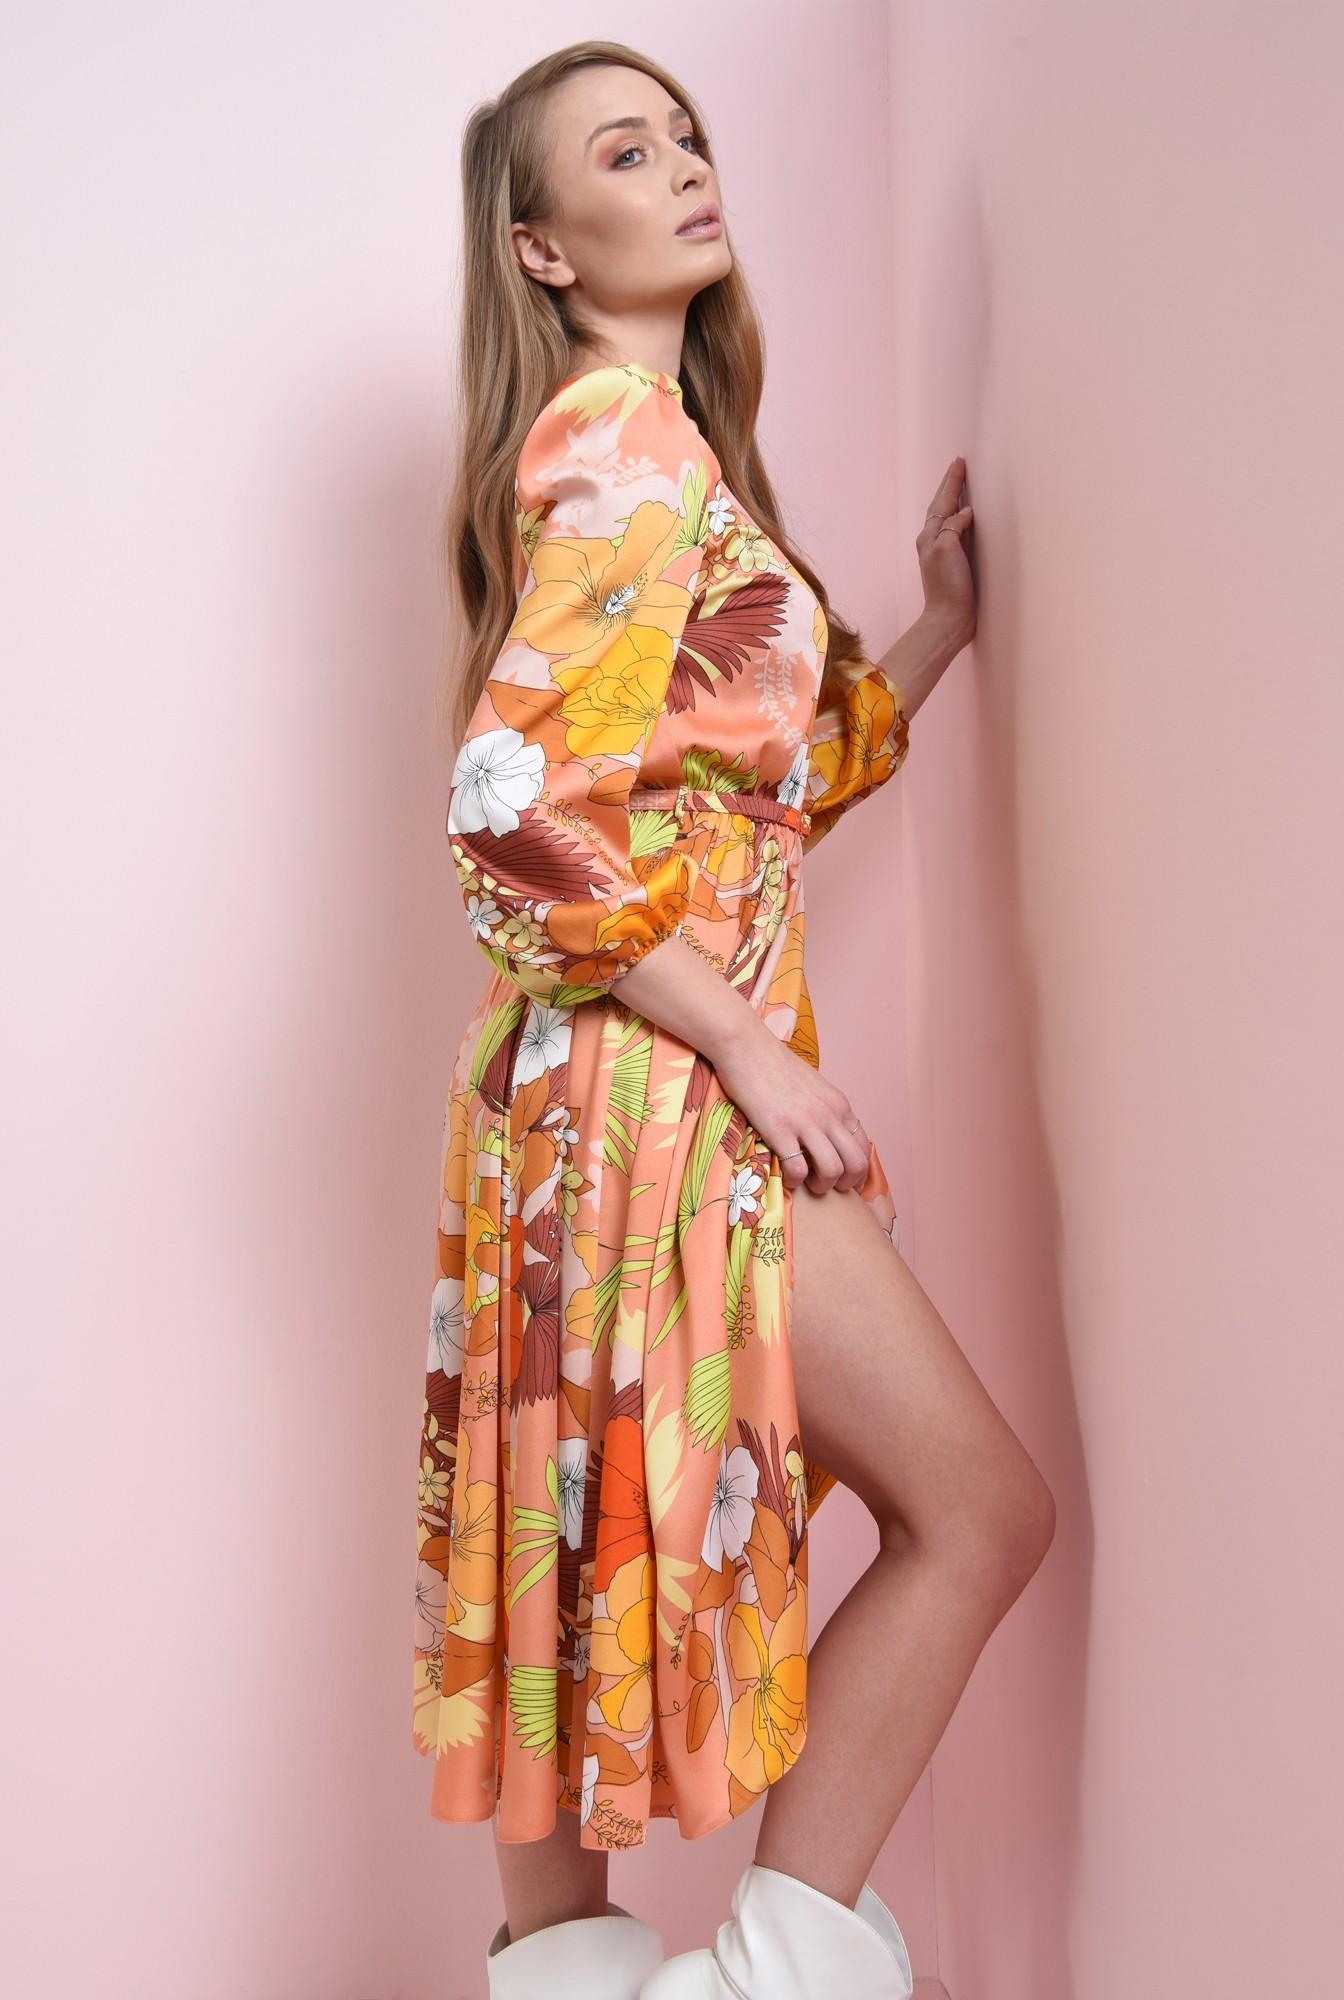 0 - rochie cu umeri accentuati, cu centura